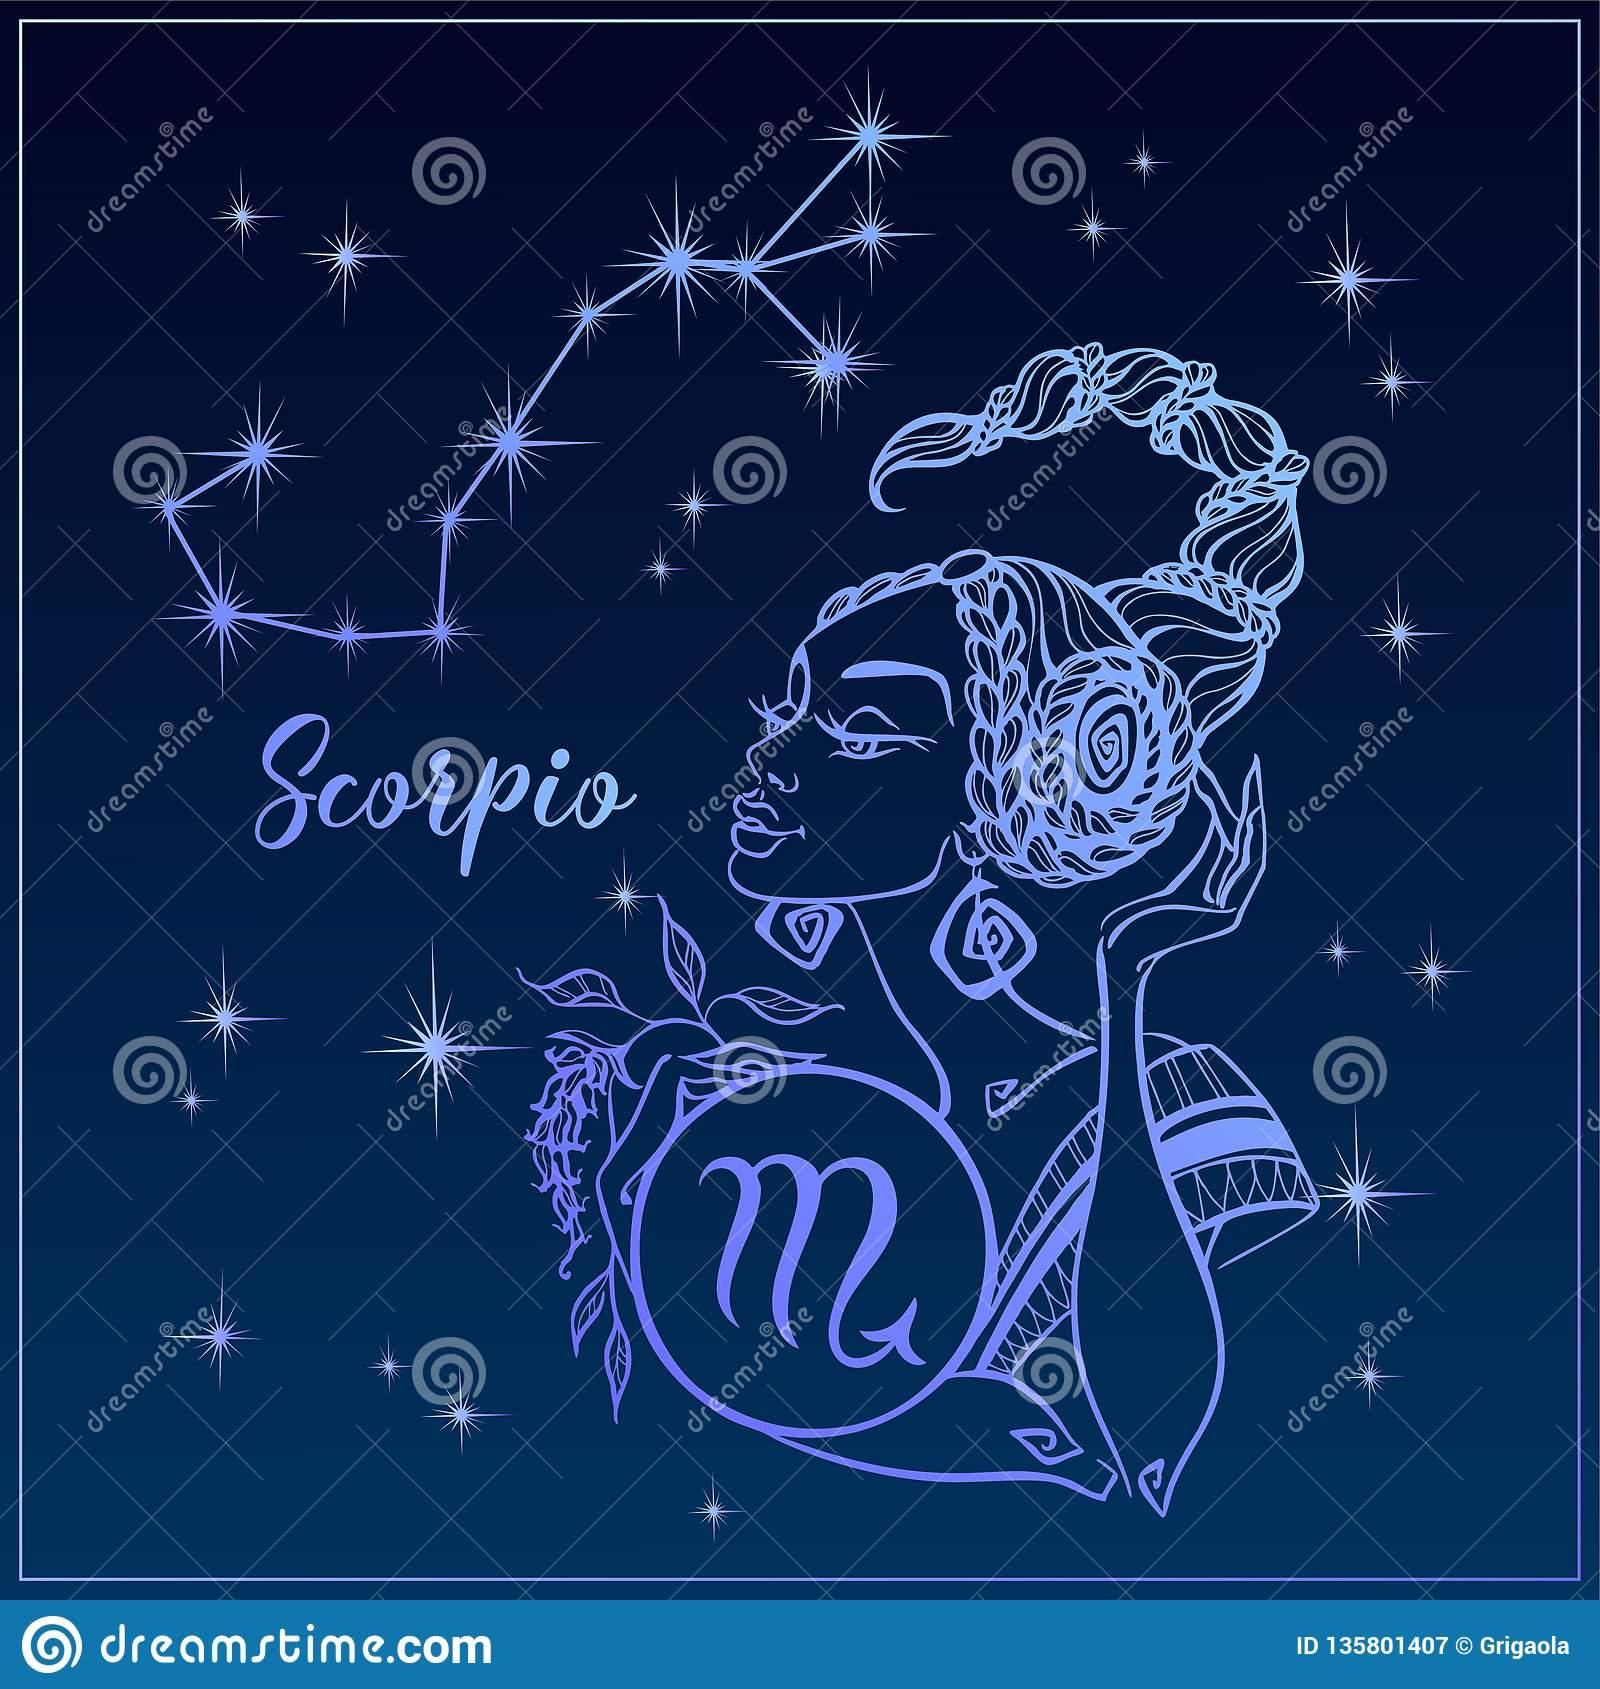 Sternzeichen-Skorpion Als Schönes Mädchen Die Konstellation mit Skorpion Sternzeichen Bilder